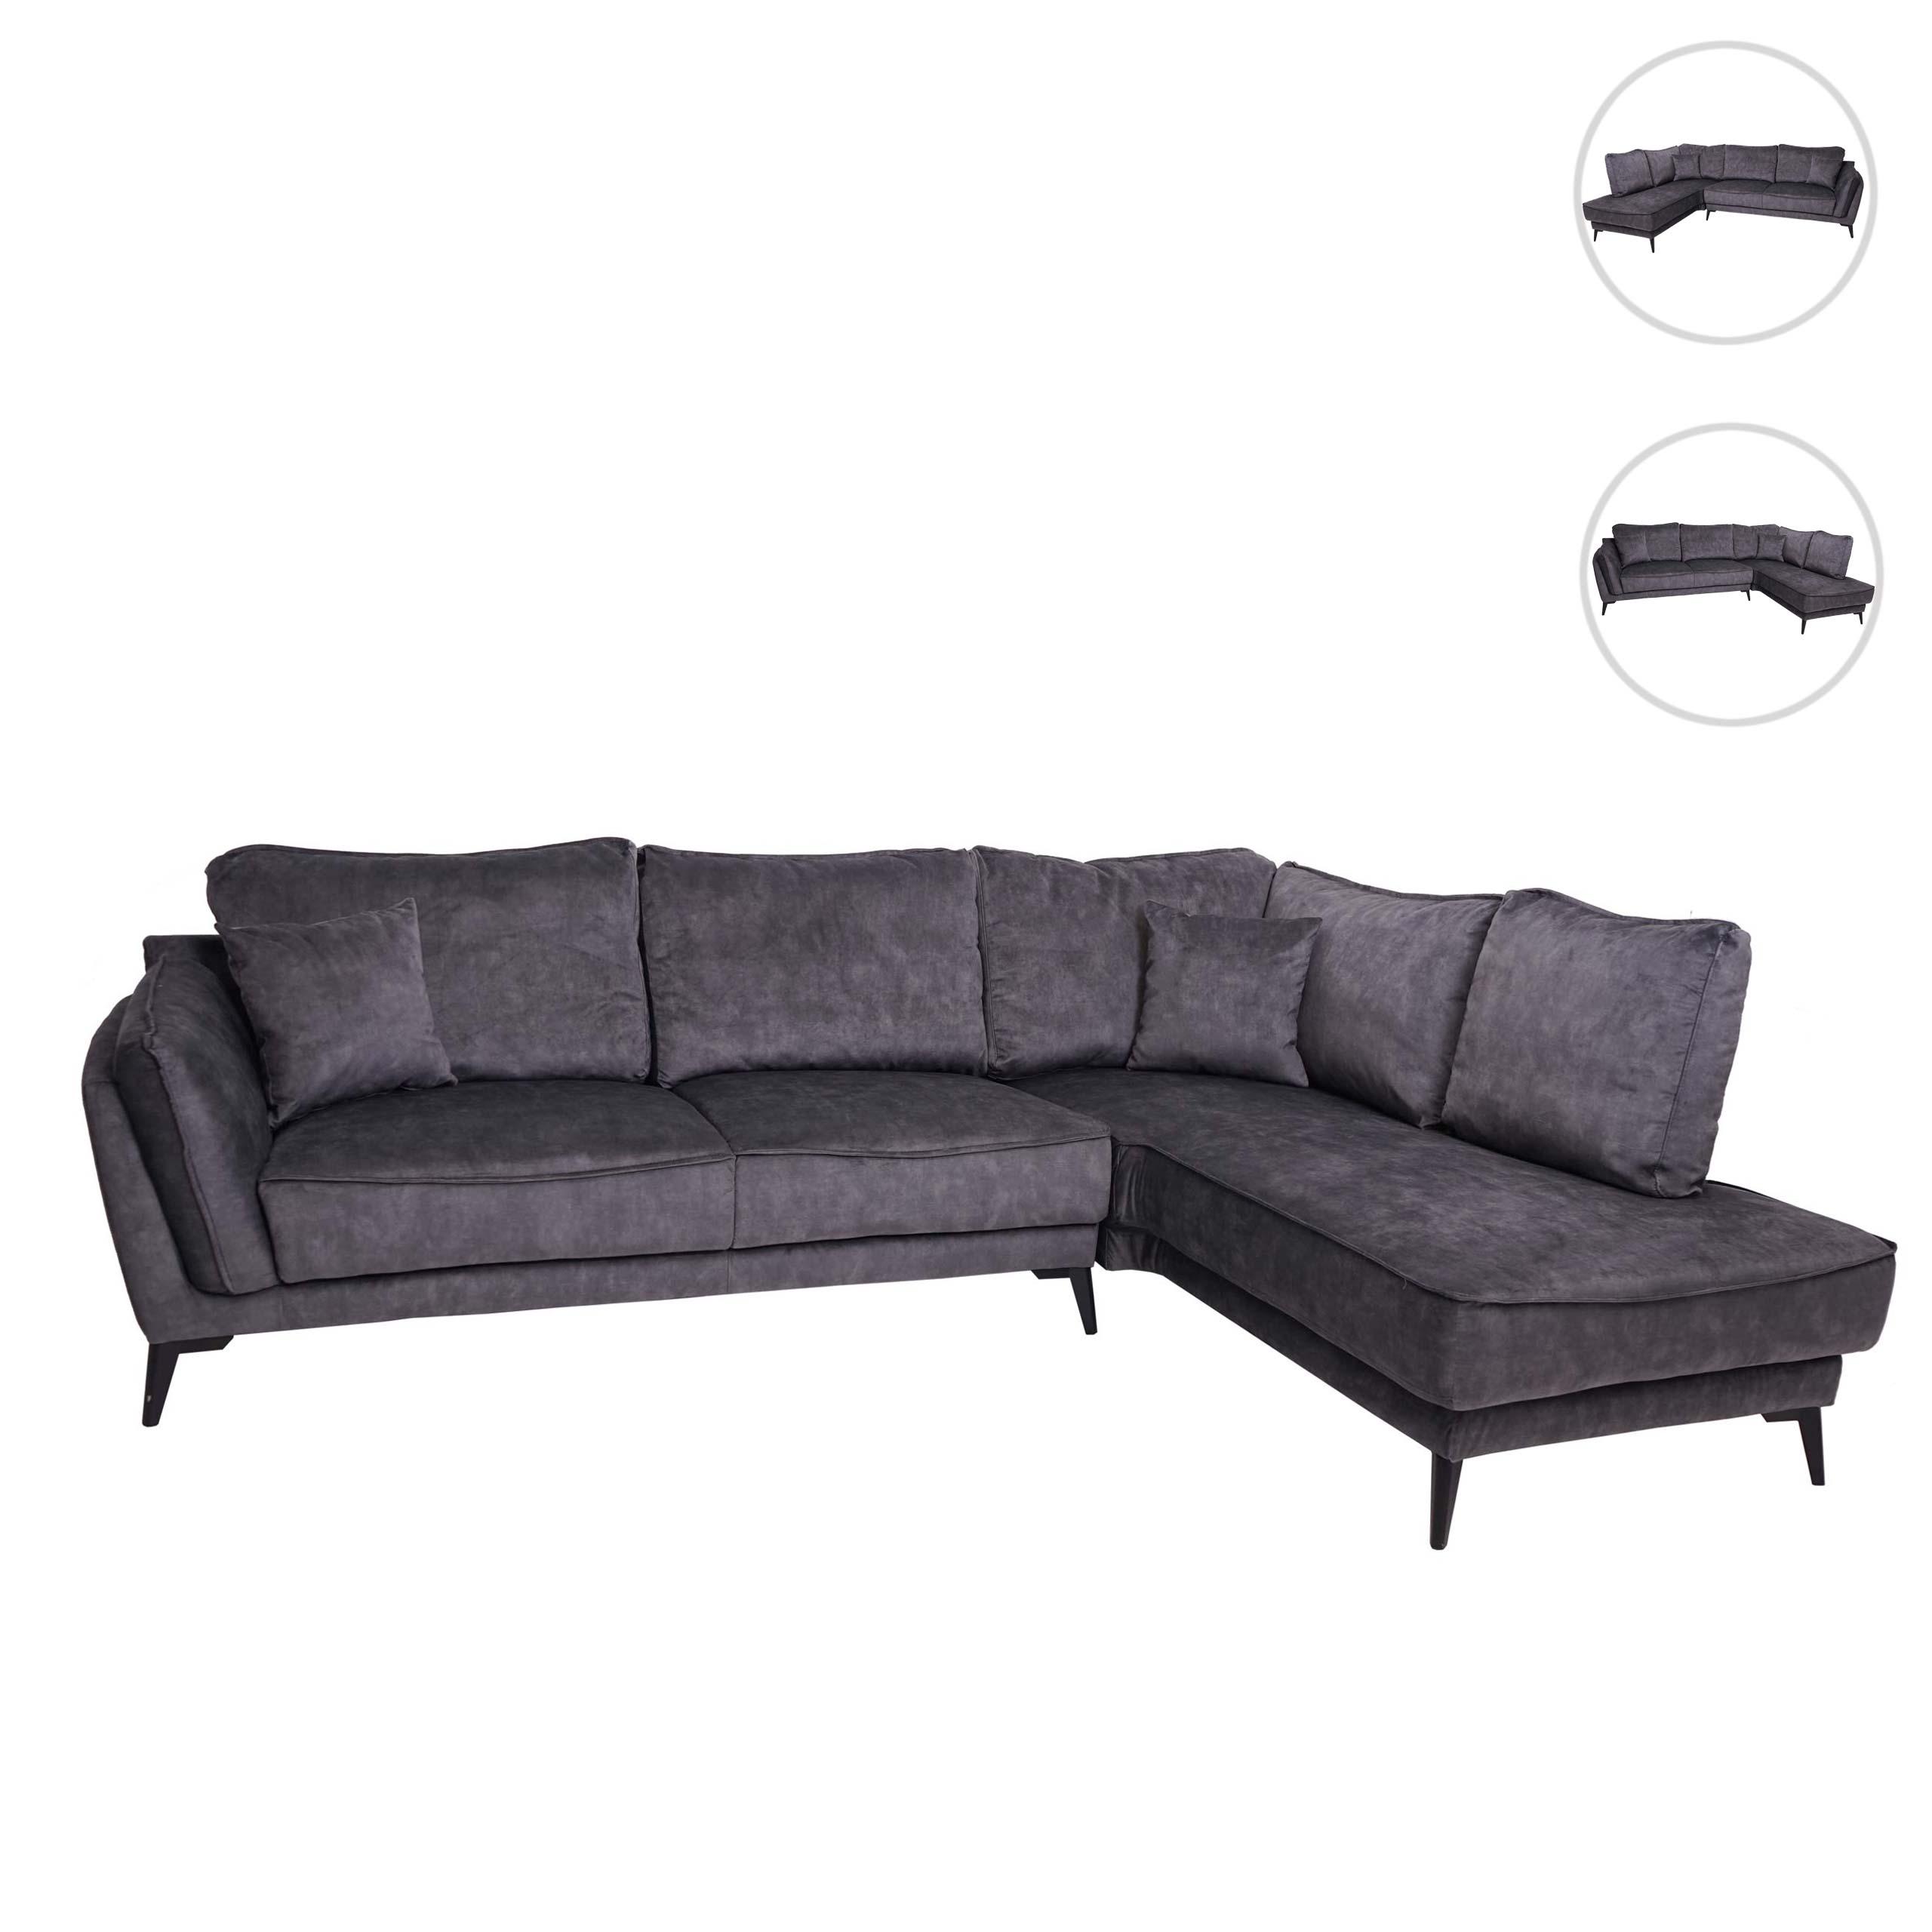 Mendler Sofa HWC-G43, Couch Ecksofa L-Form 3-Sitzer, Liegefläche Nosagfederung Taschenfederkern ~ Variantena 71517+71518